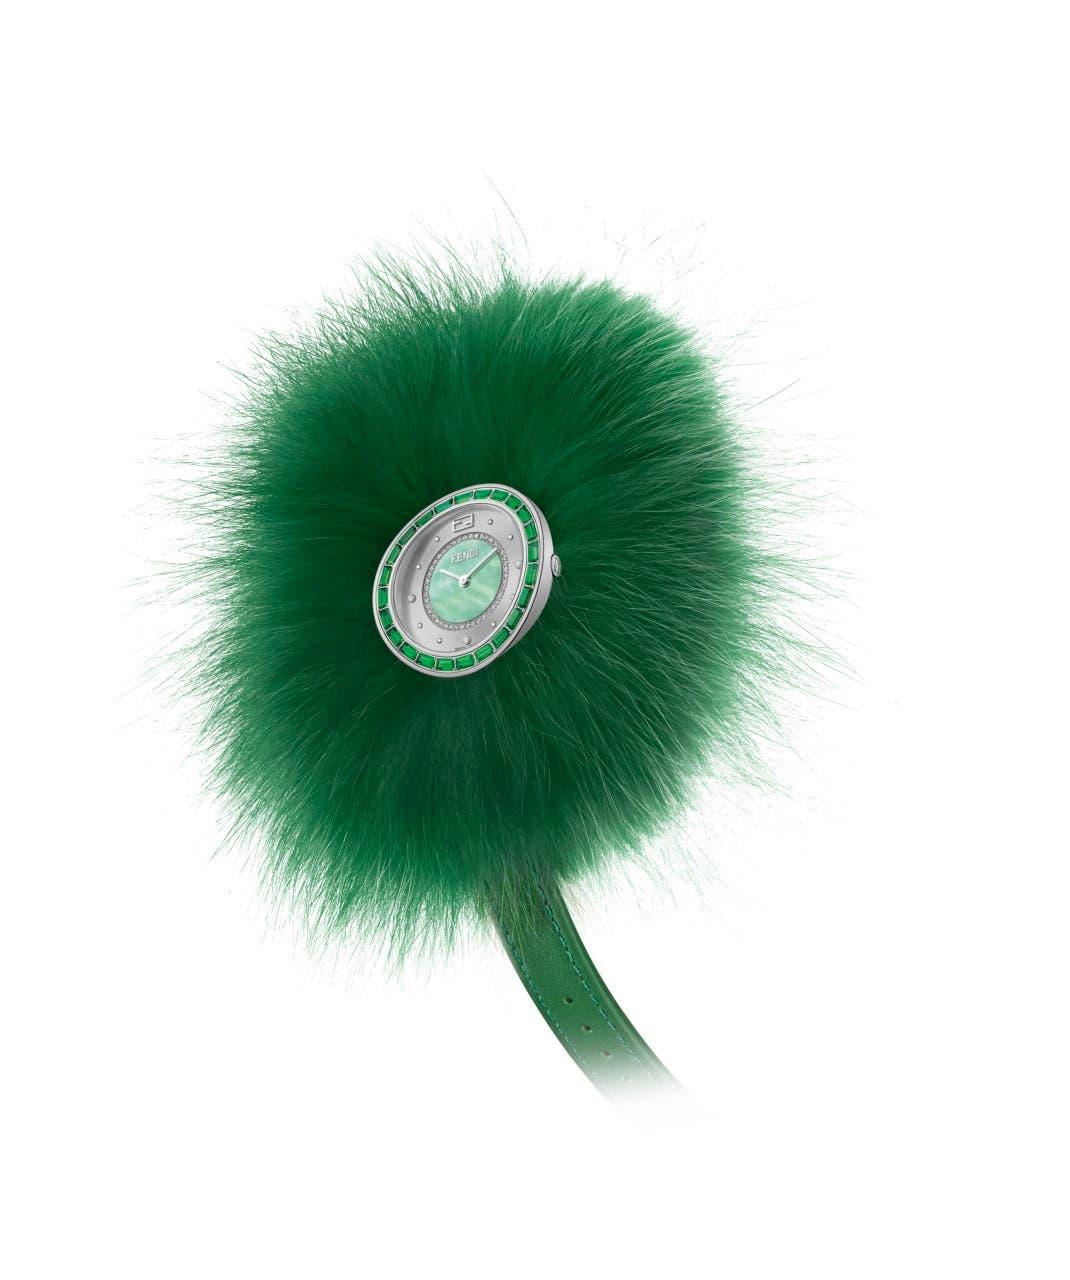 ساعة فندي  ماي واي توباز بالفرو الأخضر